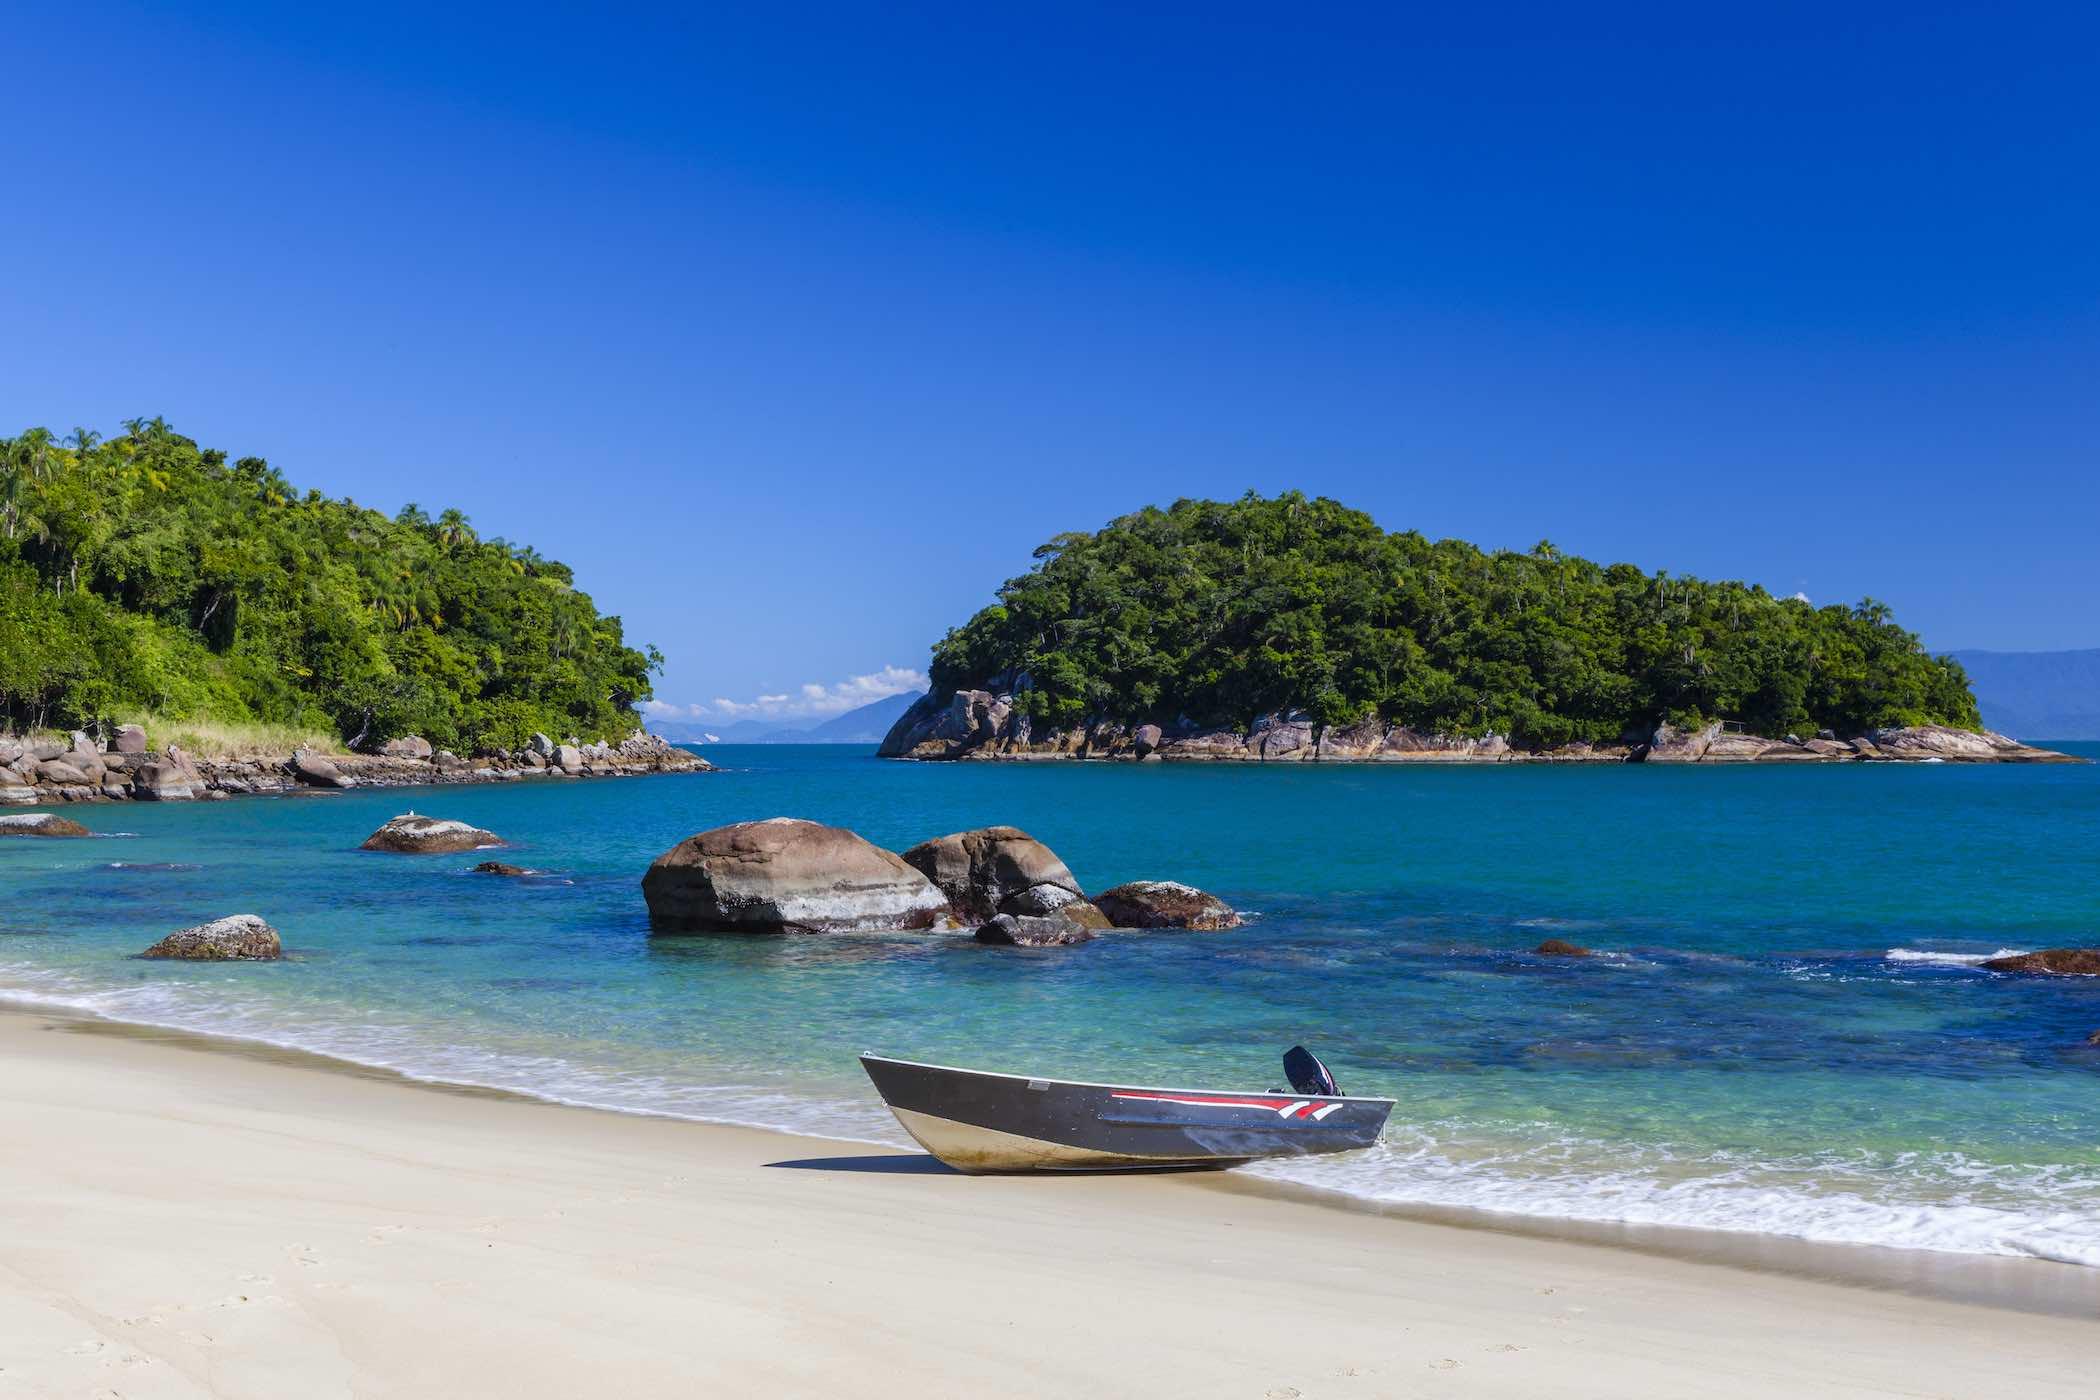 Praia de Ubatuba vazia com mar ao fundo e céu aberto.